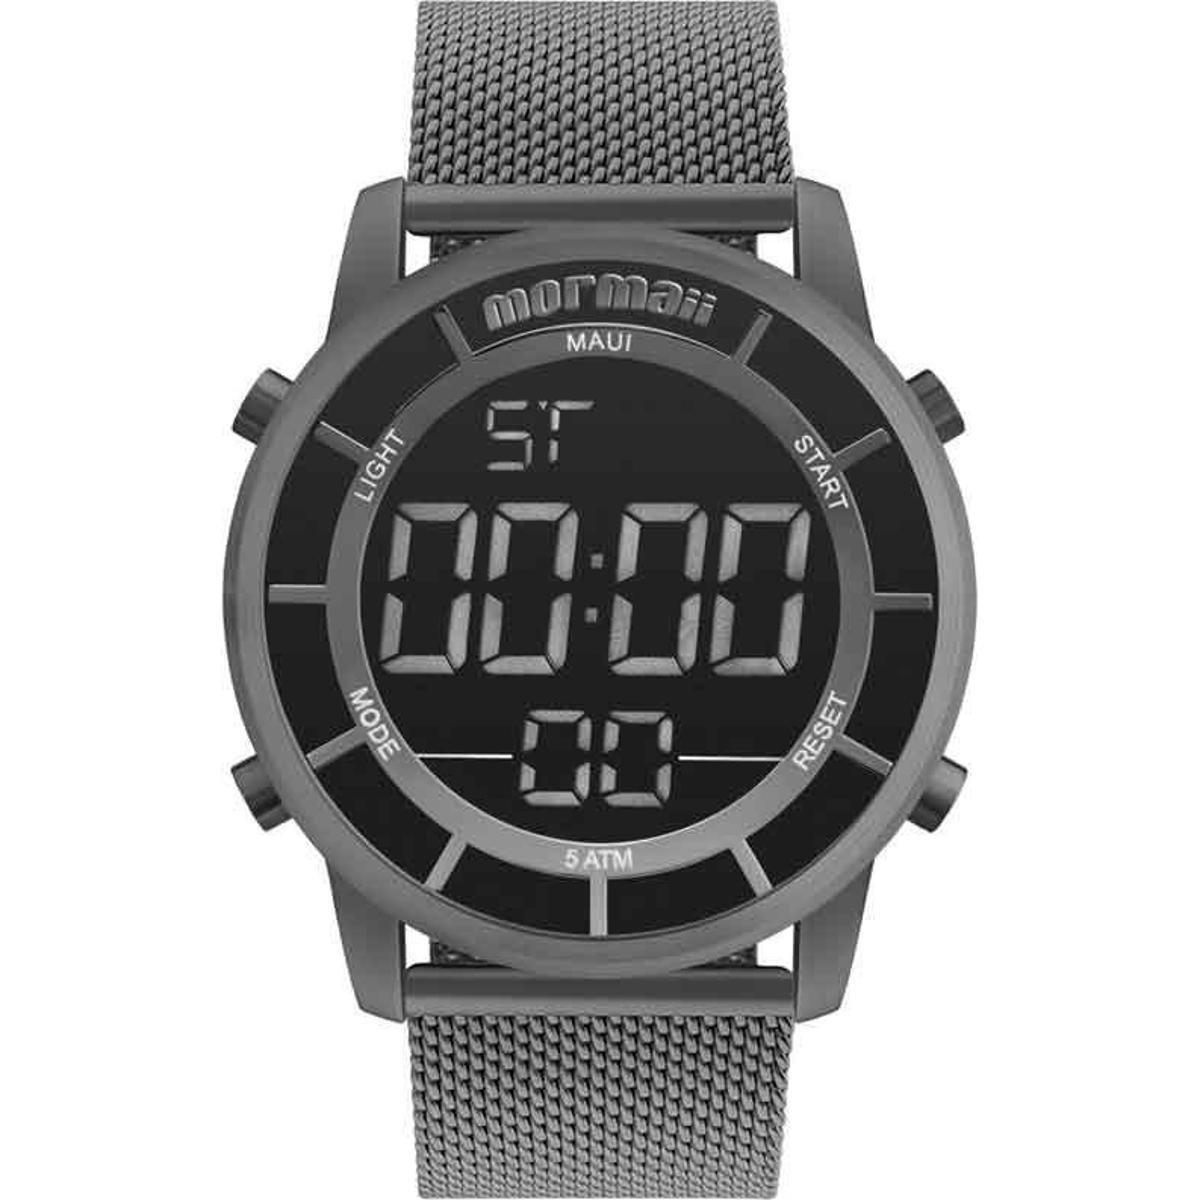 bc5136b8d3f Relógio Mormaii Masculino Mauii Digital Mobj3463ba 4c - Compre Agora ...